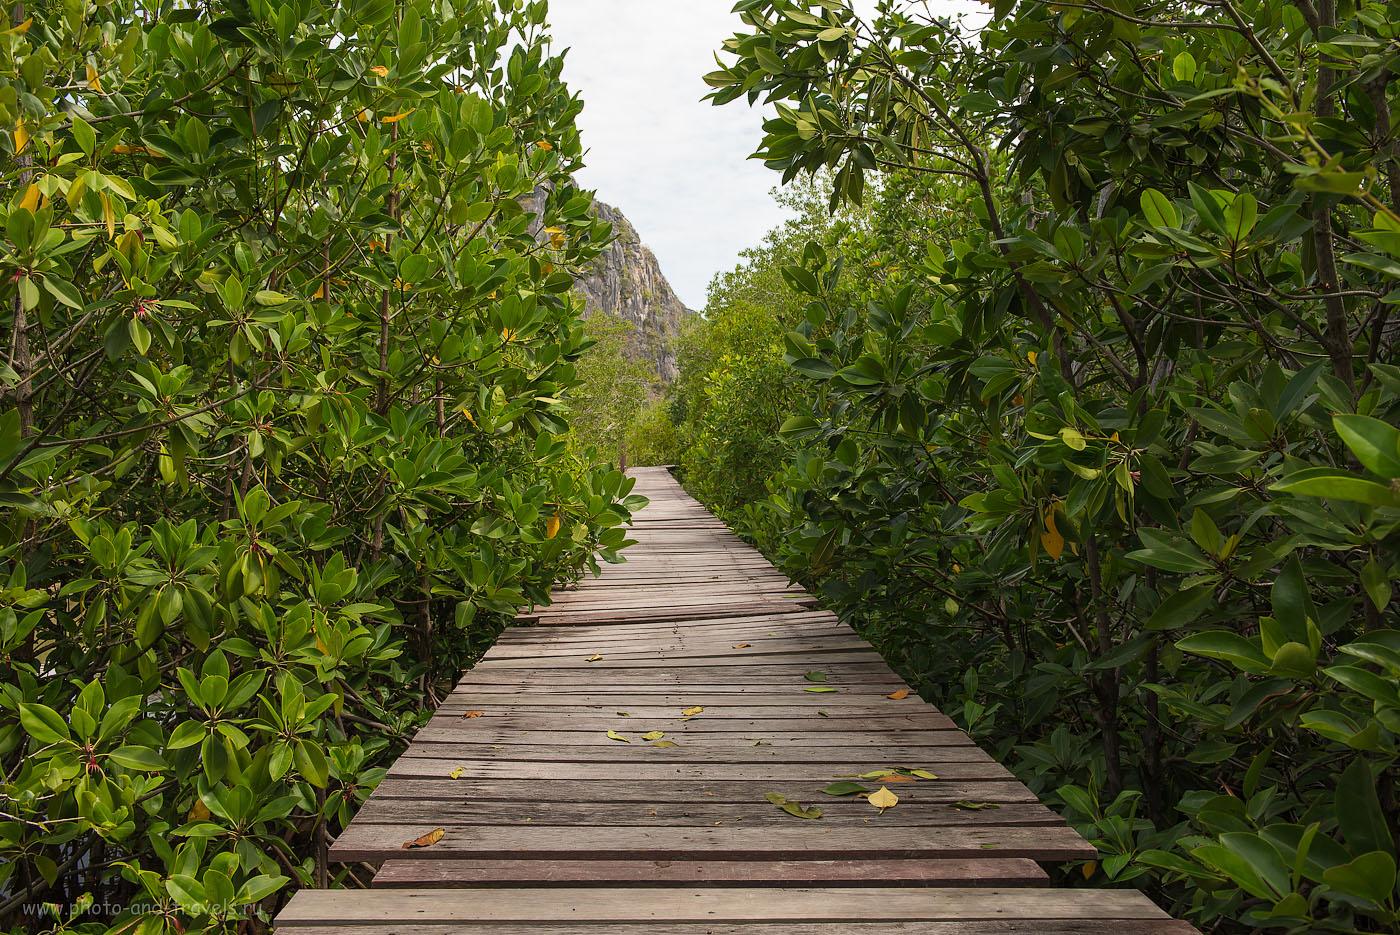 Фото 20. Прогулка по мангровым зарослям у смотровой площадки Khao Daeng Viewpoint (Камера Nikon D610 body, объектив Nikkor 24-70/2.8 с поляриком Hoya HD Circular-PL. Настройки: ИСО 320, ФР=32, F=8.0, выдержка 1/125)